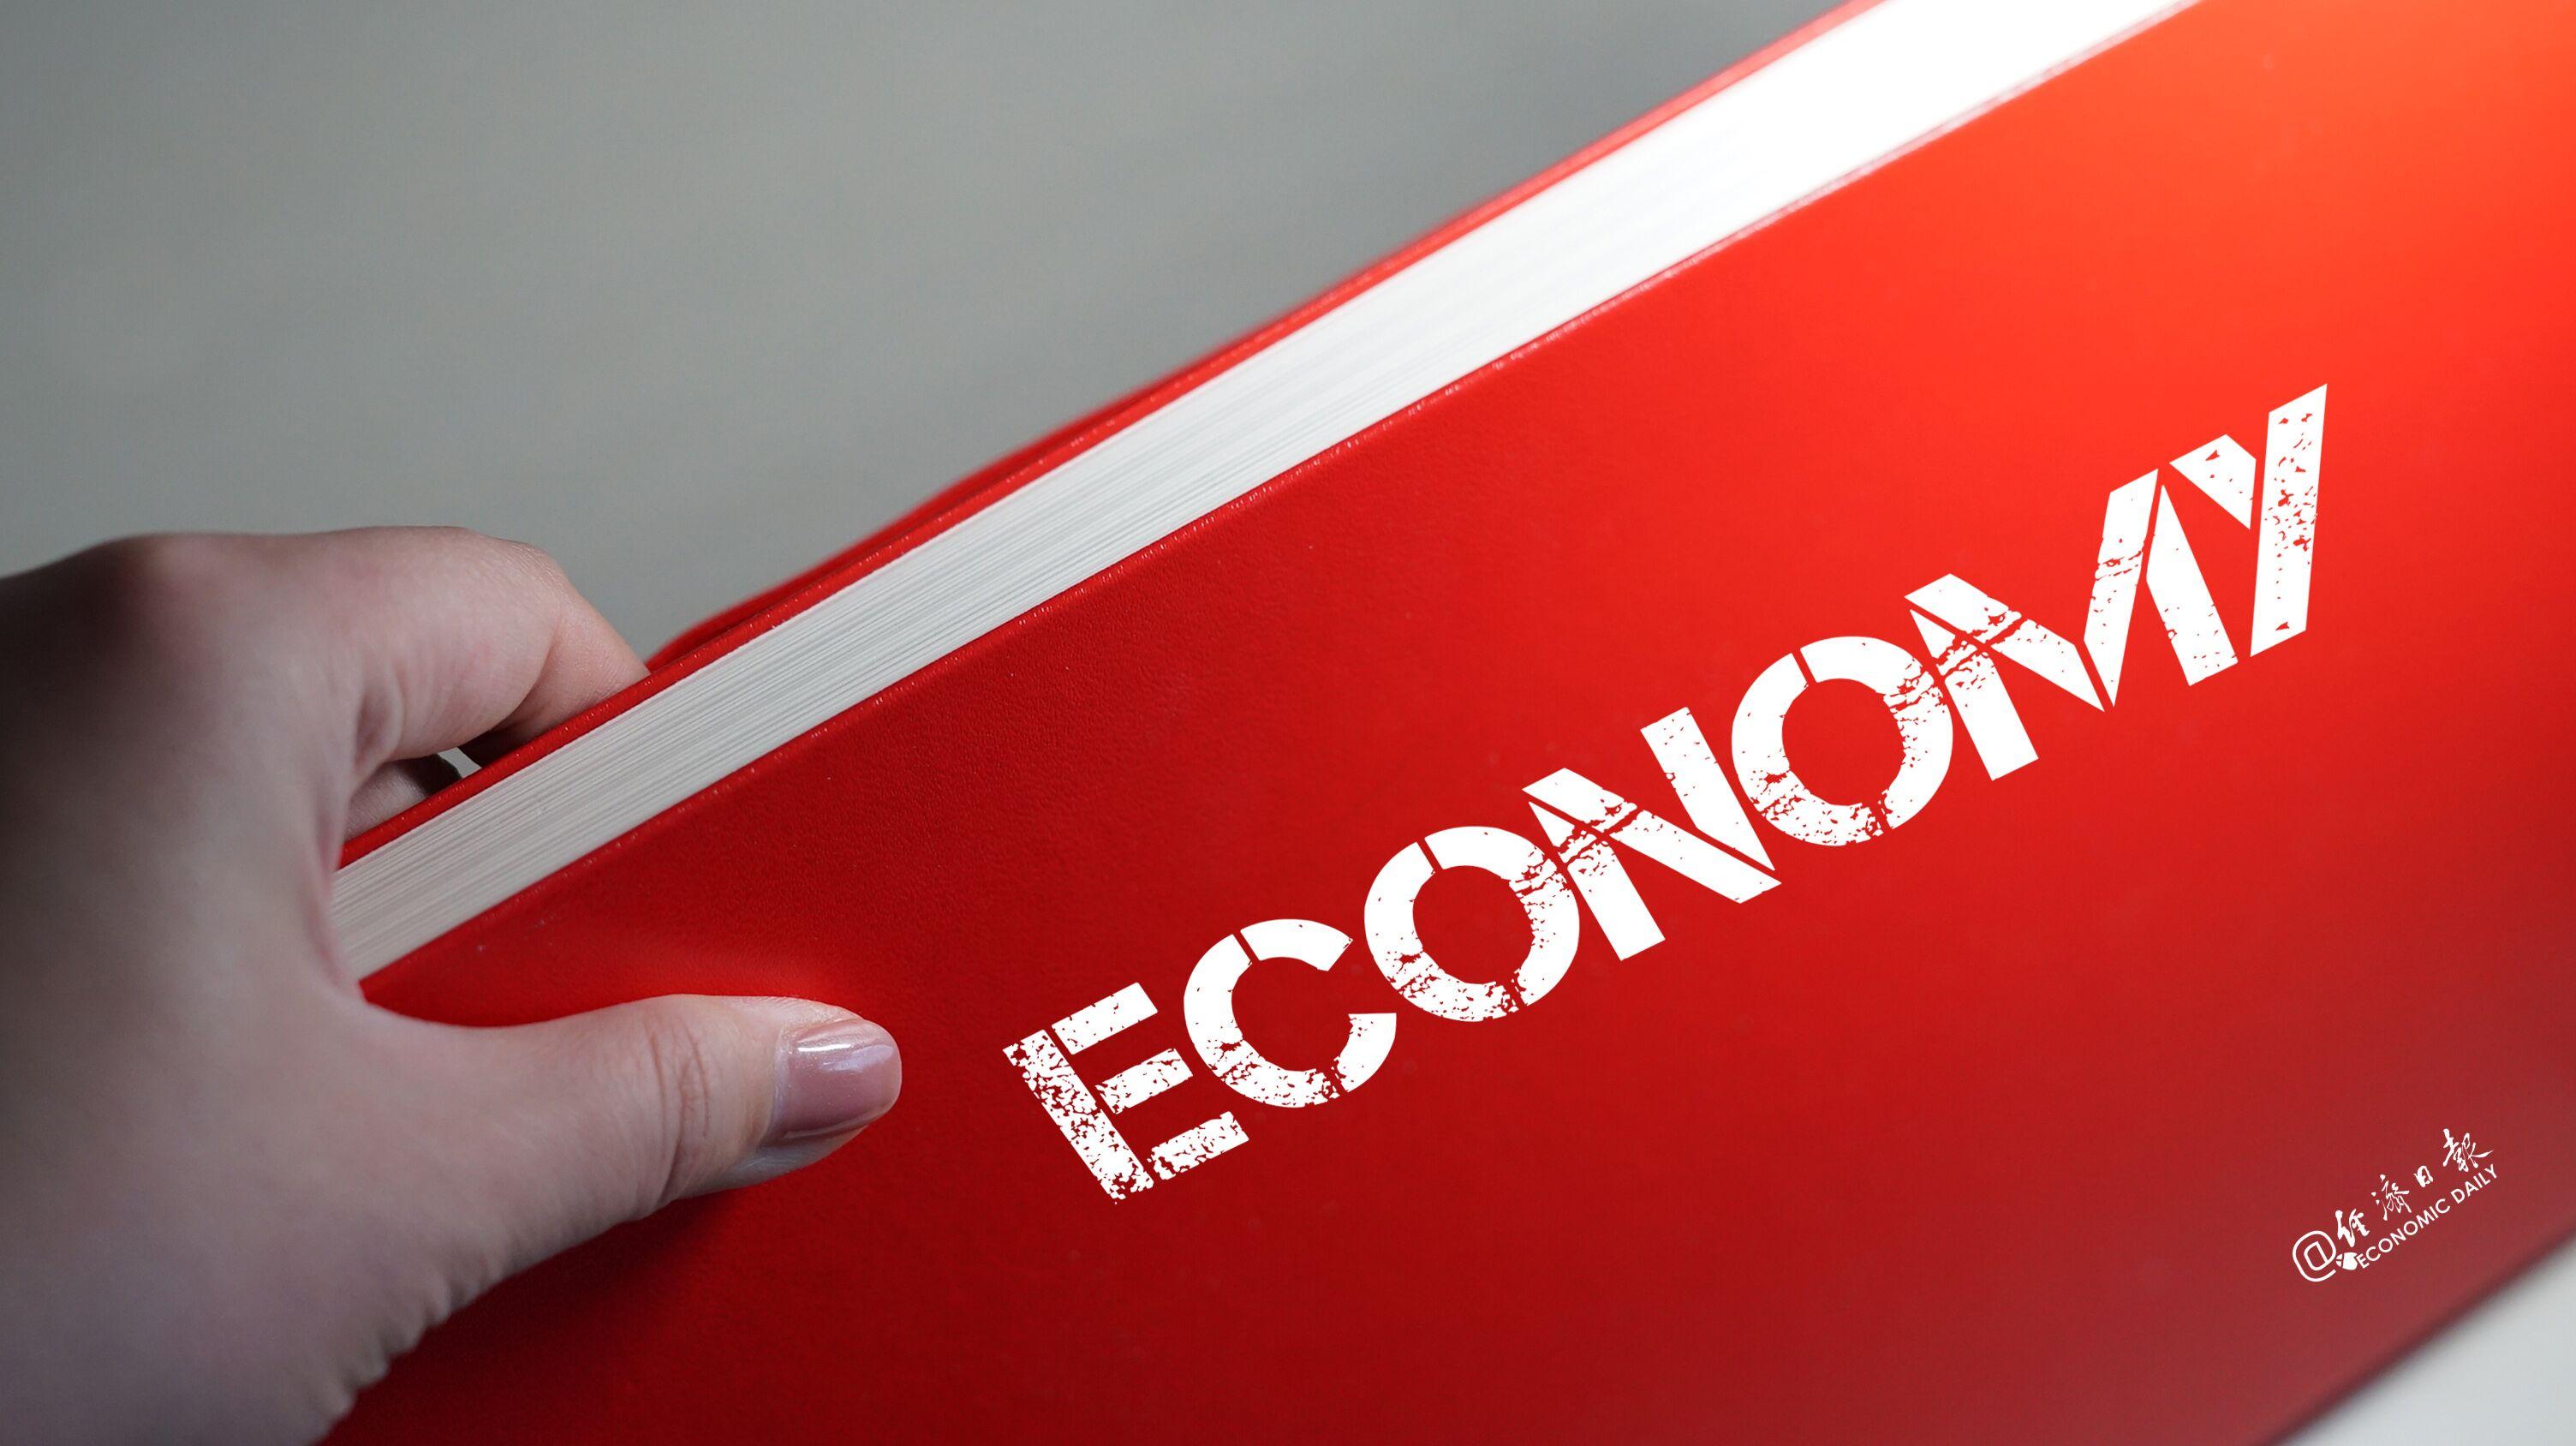 短期經濟運行受疫情沖擊,中長期態勢會怎樣?